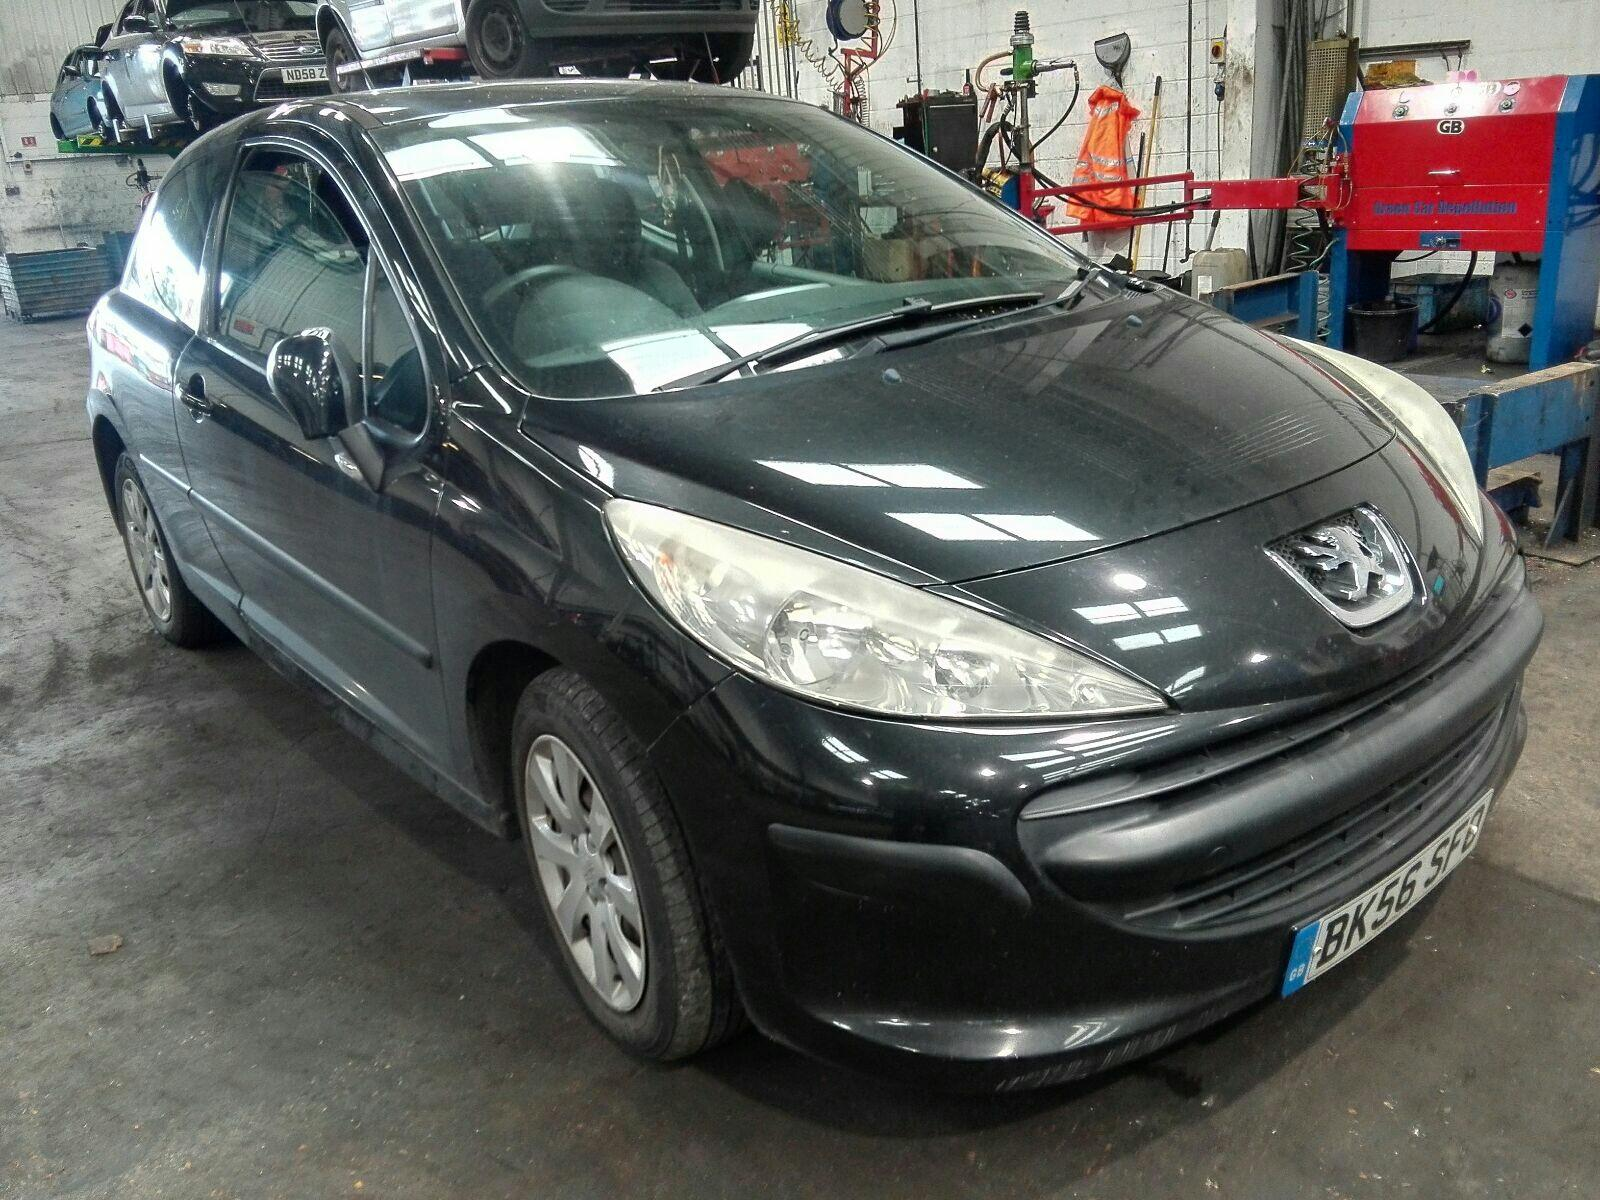 Image for a Peugeot 207 2007 3 Door Hatchback